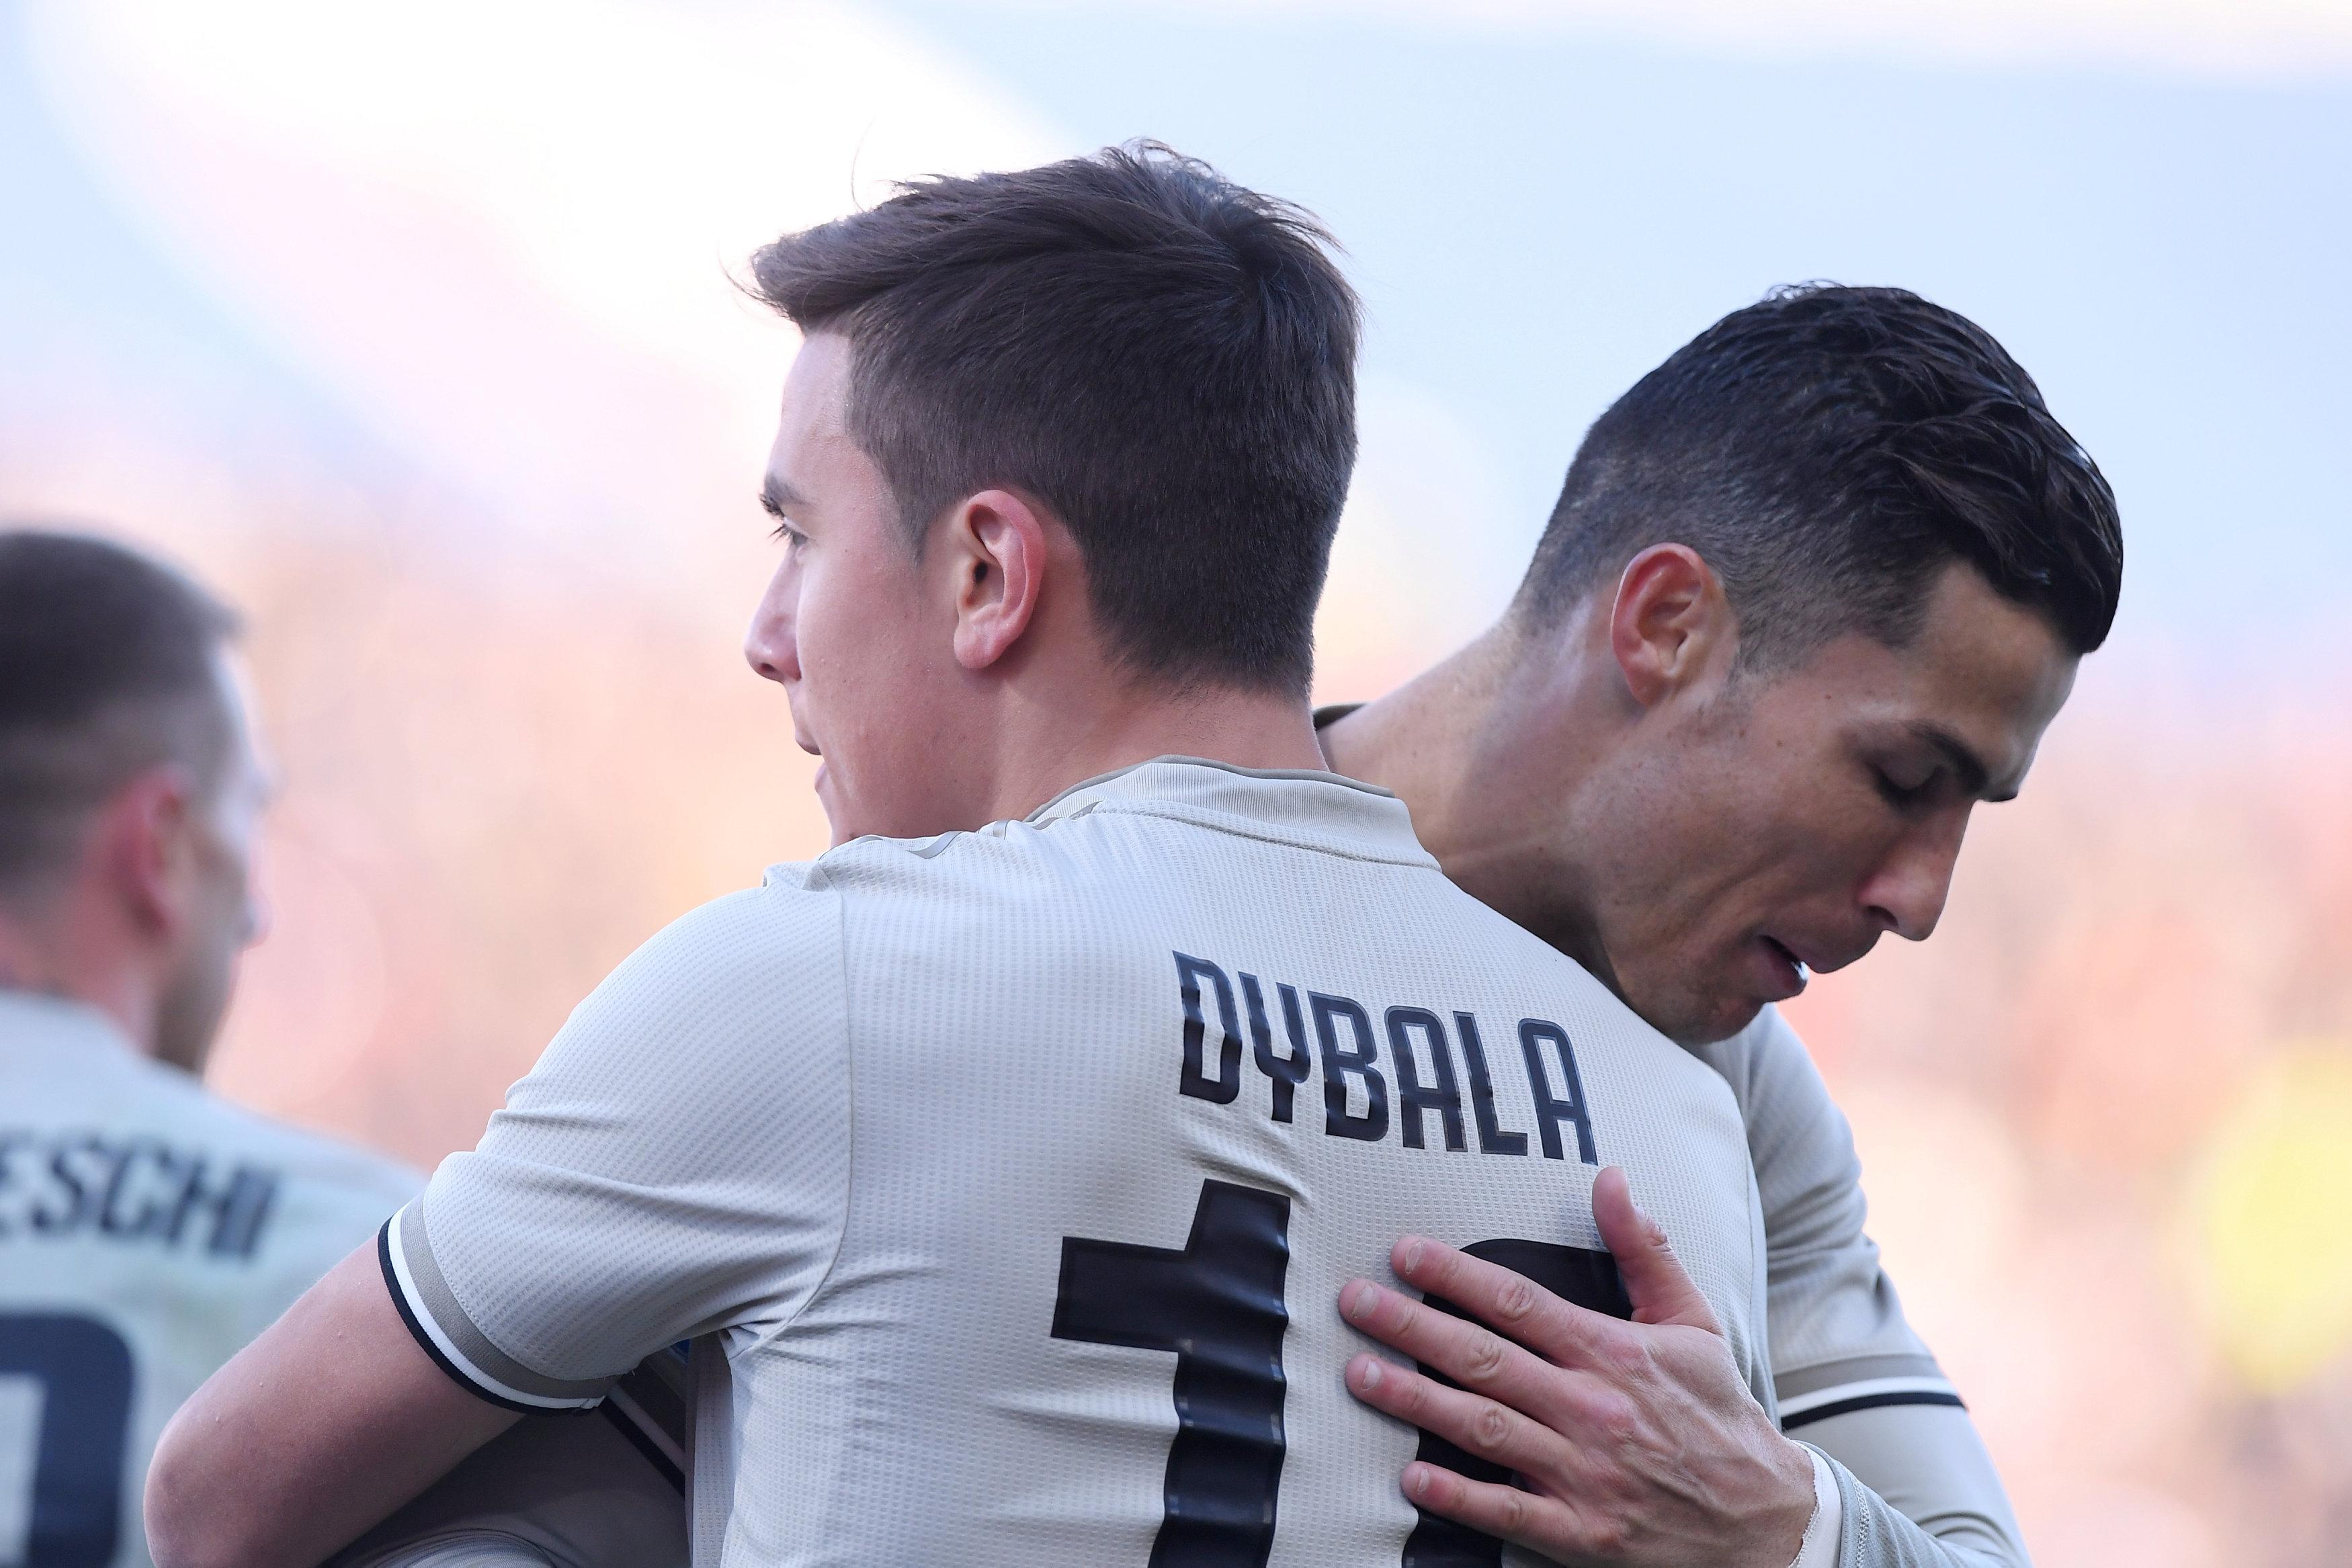 En fotos: Juventus ganó contra Bologna y se sacudió tras su derrota en Champions